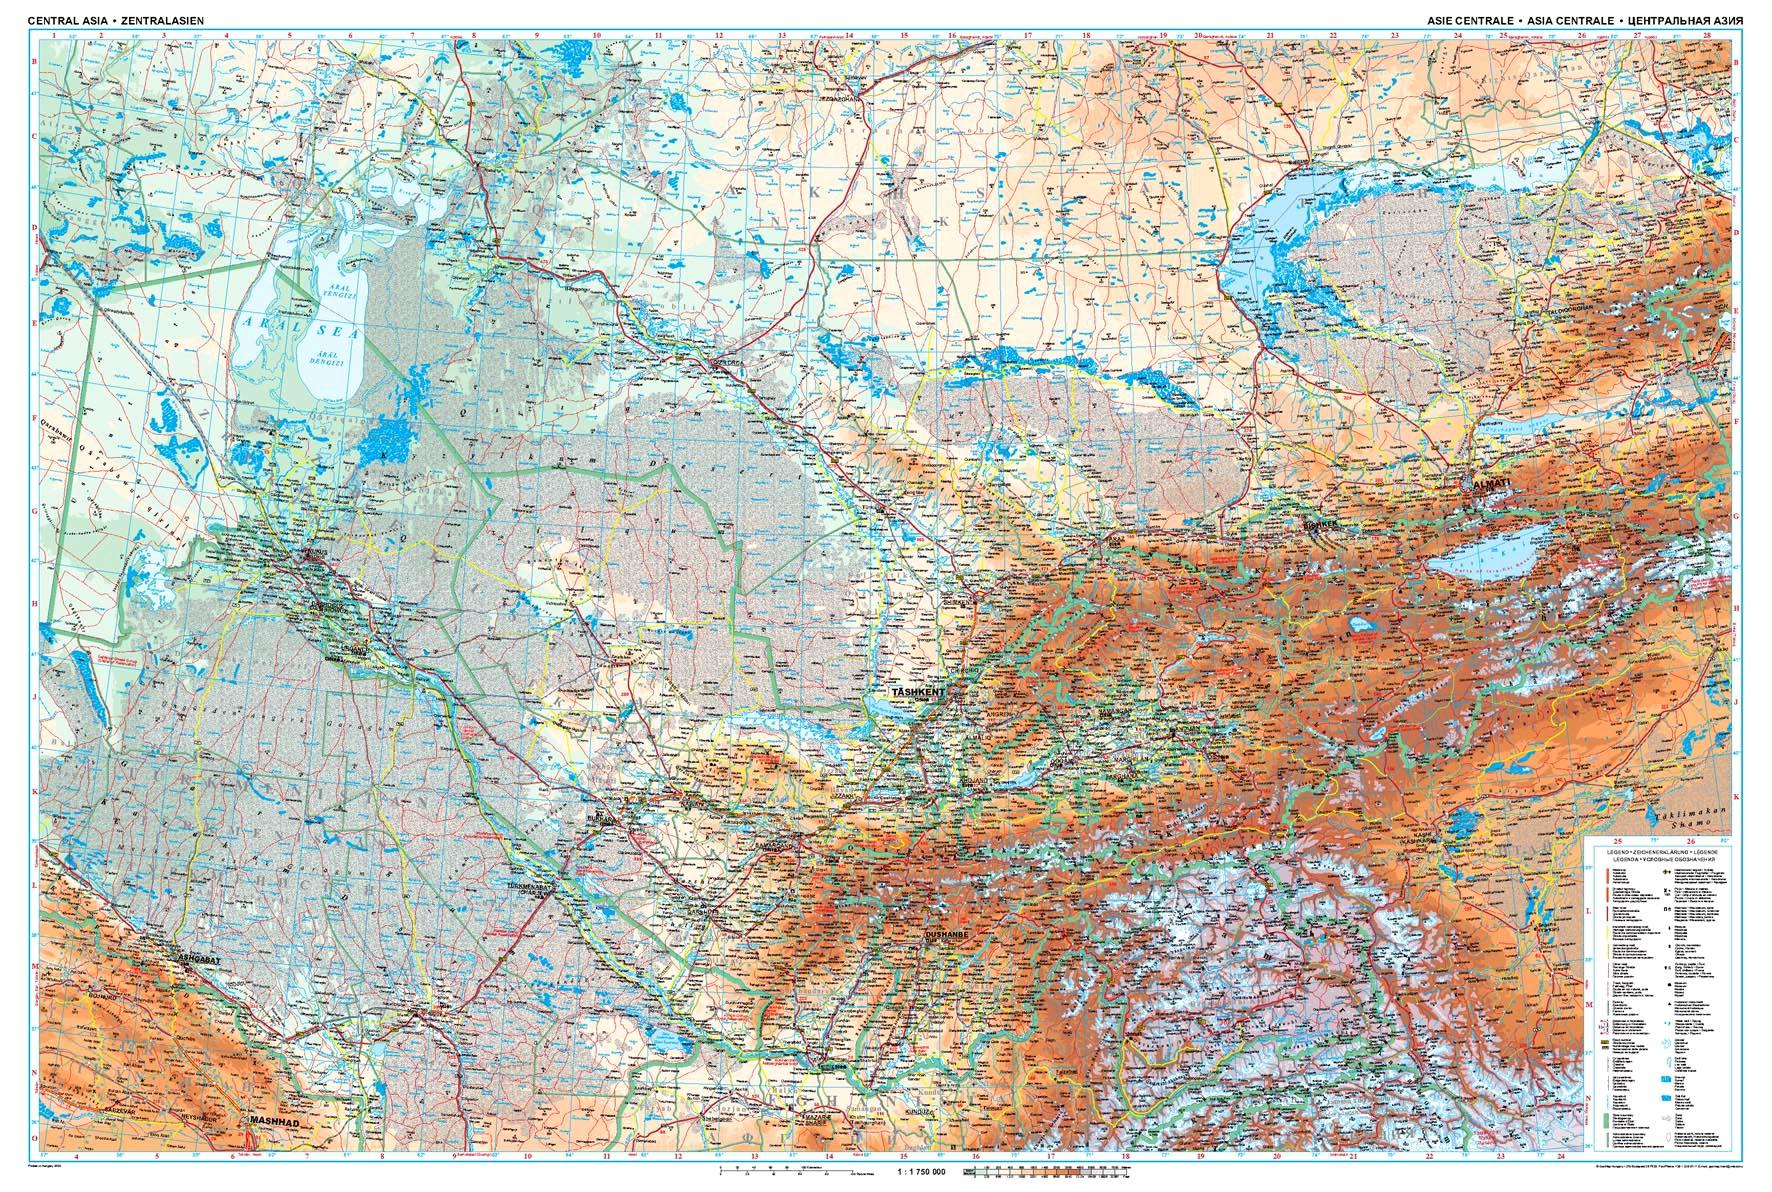 Közép-Ázsia áttekintõ térképe